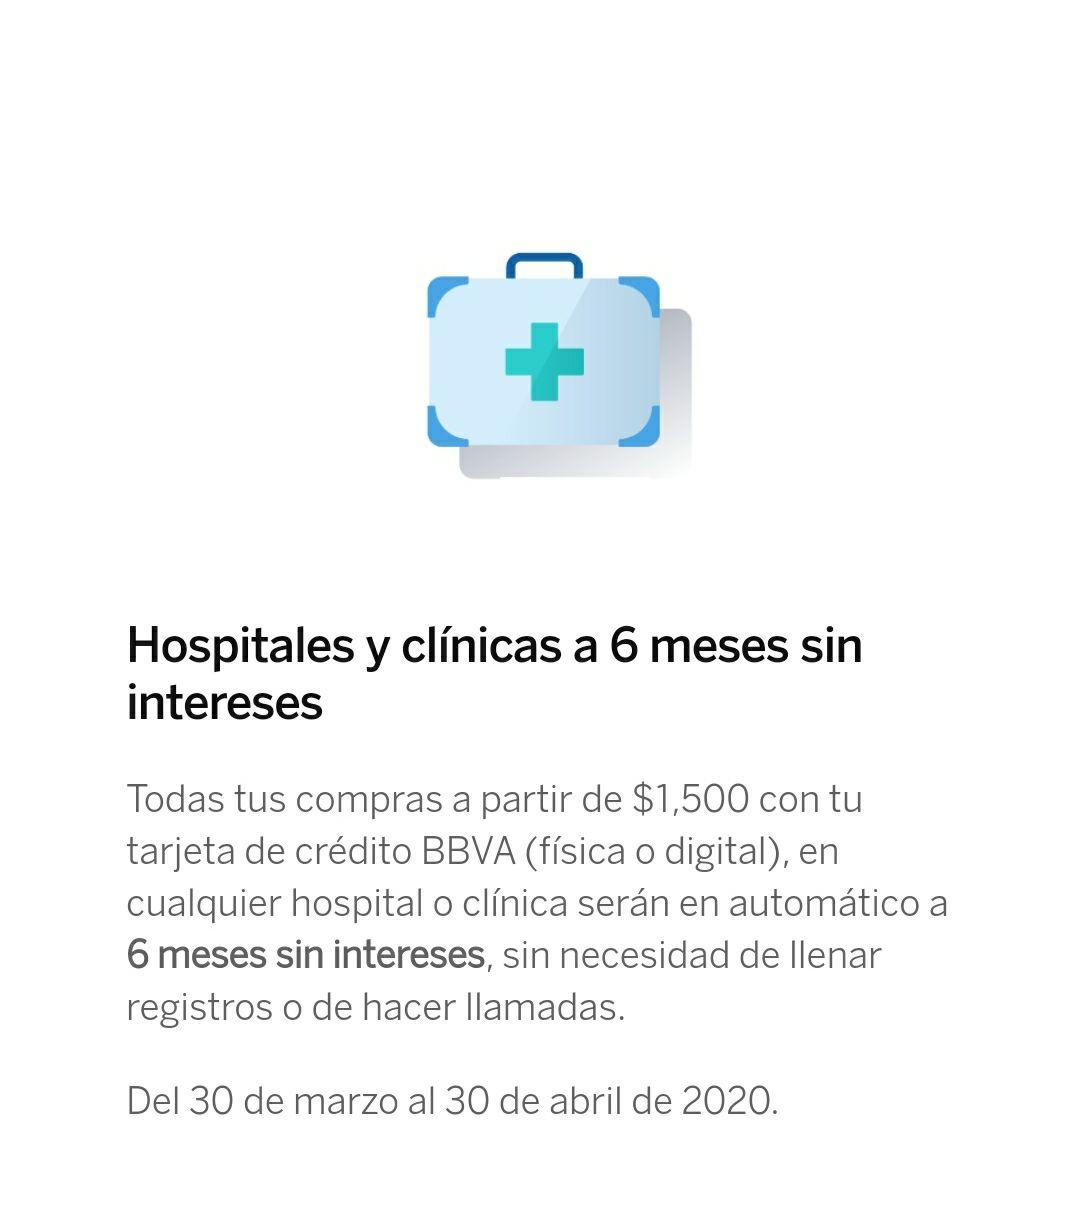 BBVA; 6 meses sin intereses en hospitales y clínicas (en automático, y además generan Puntos BBVA)